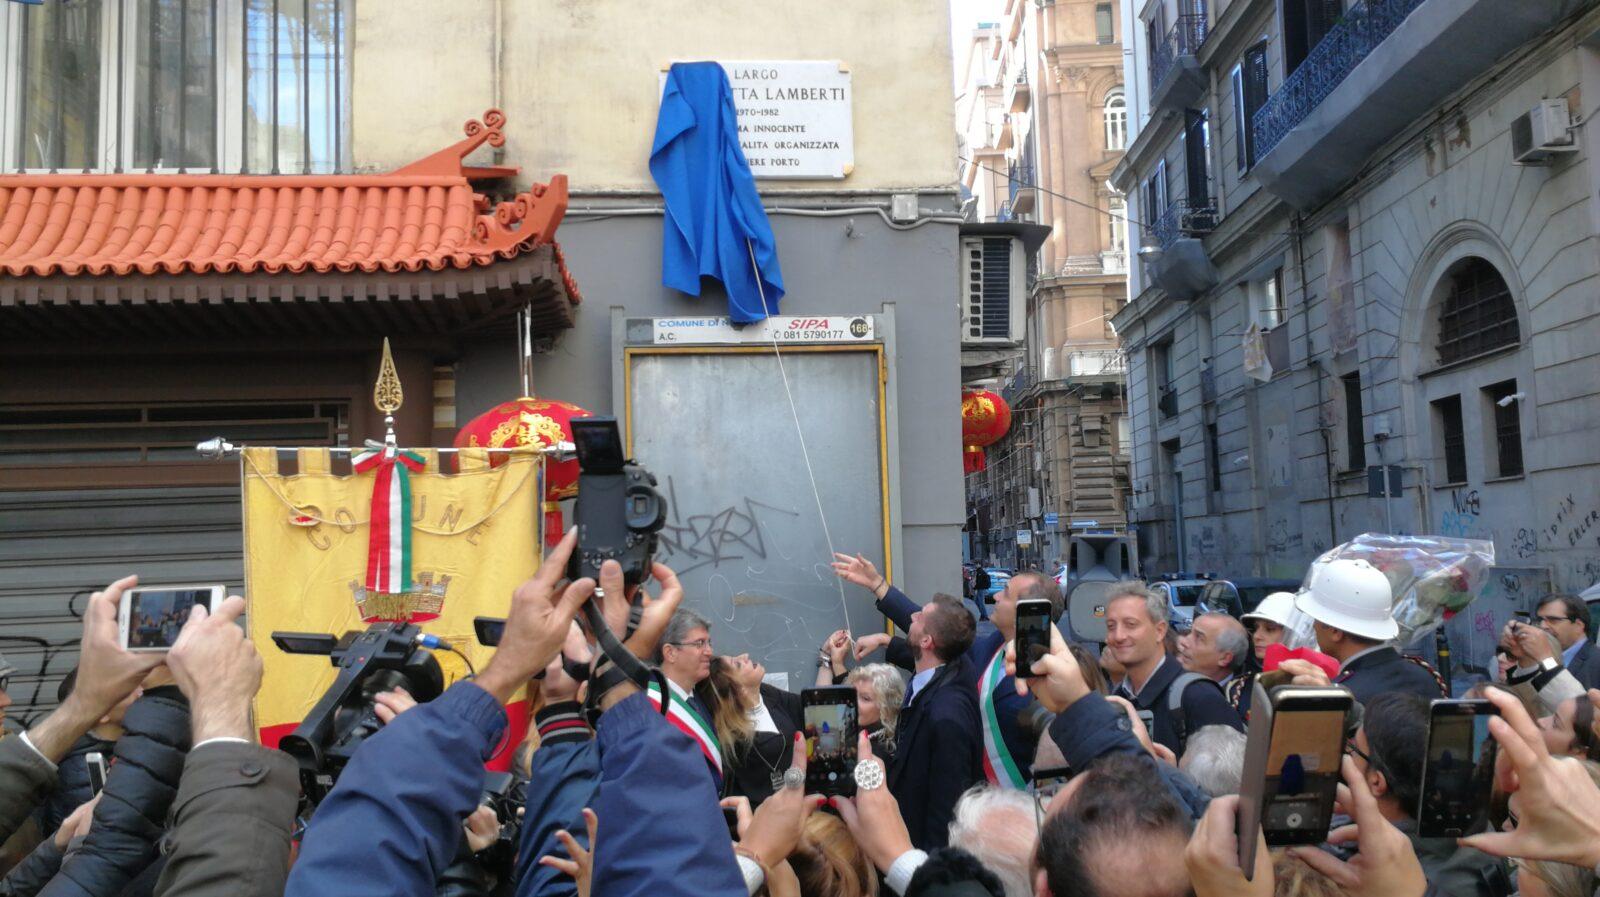 del nuovoCerimonia dell'intitolazione del Largo Simonetta Lamberti a Napoli